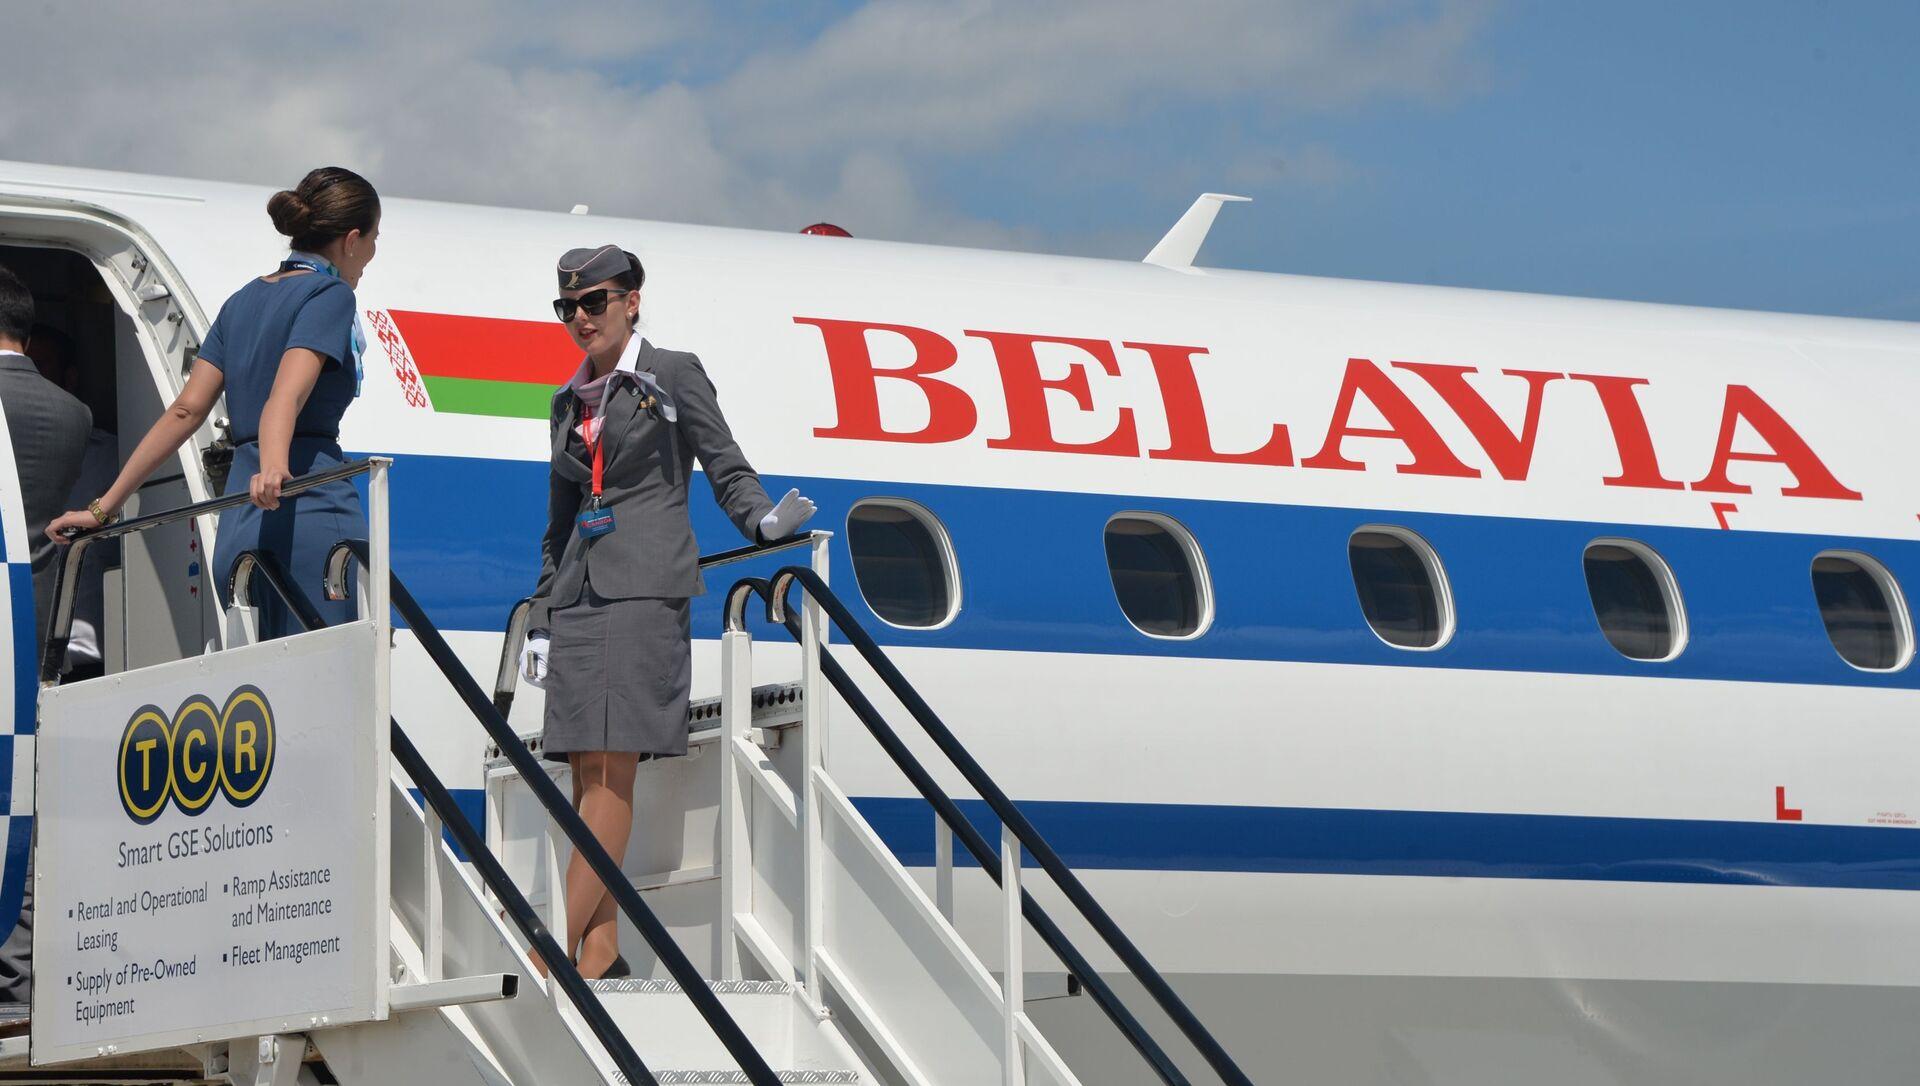 Białoruskie linie lotnicze Belavia - Sputnik Polska, 1920, 28.05.2021